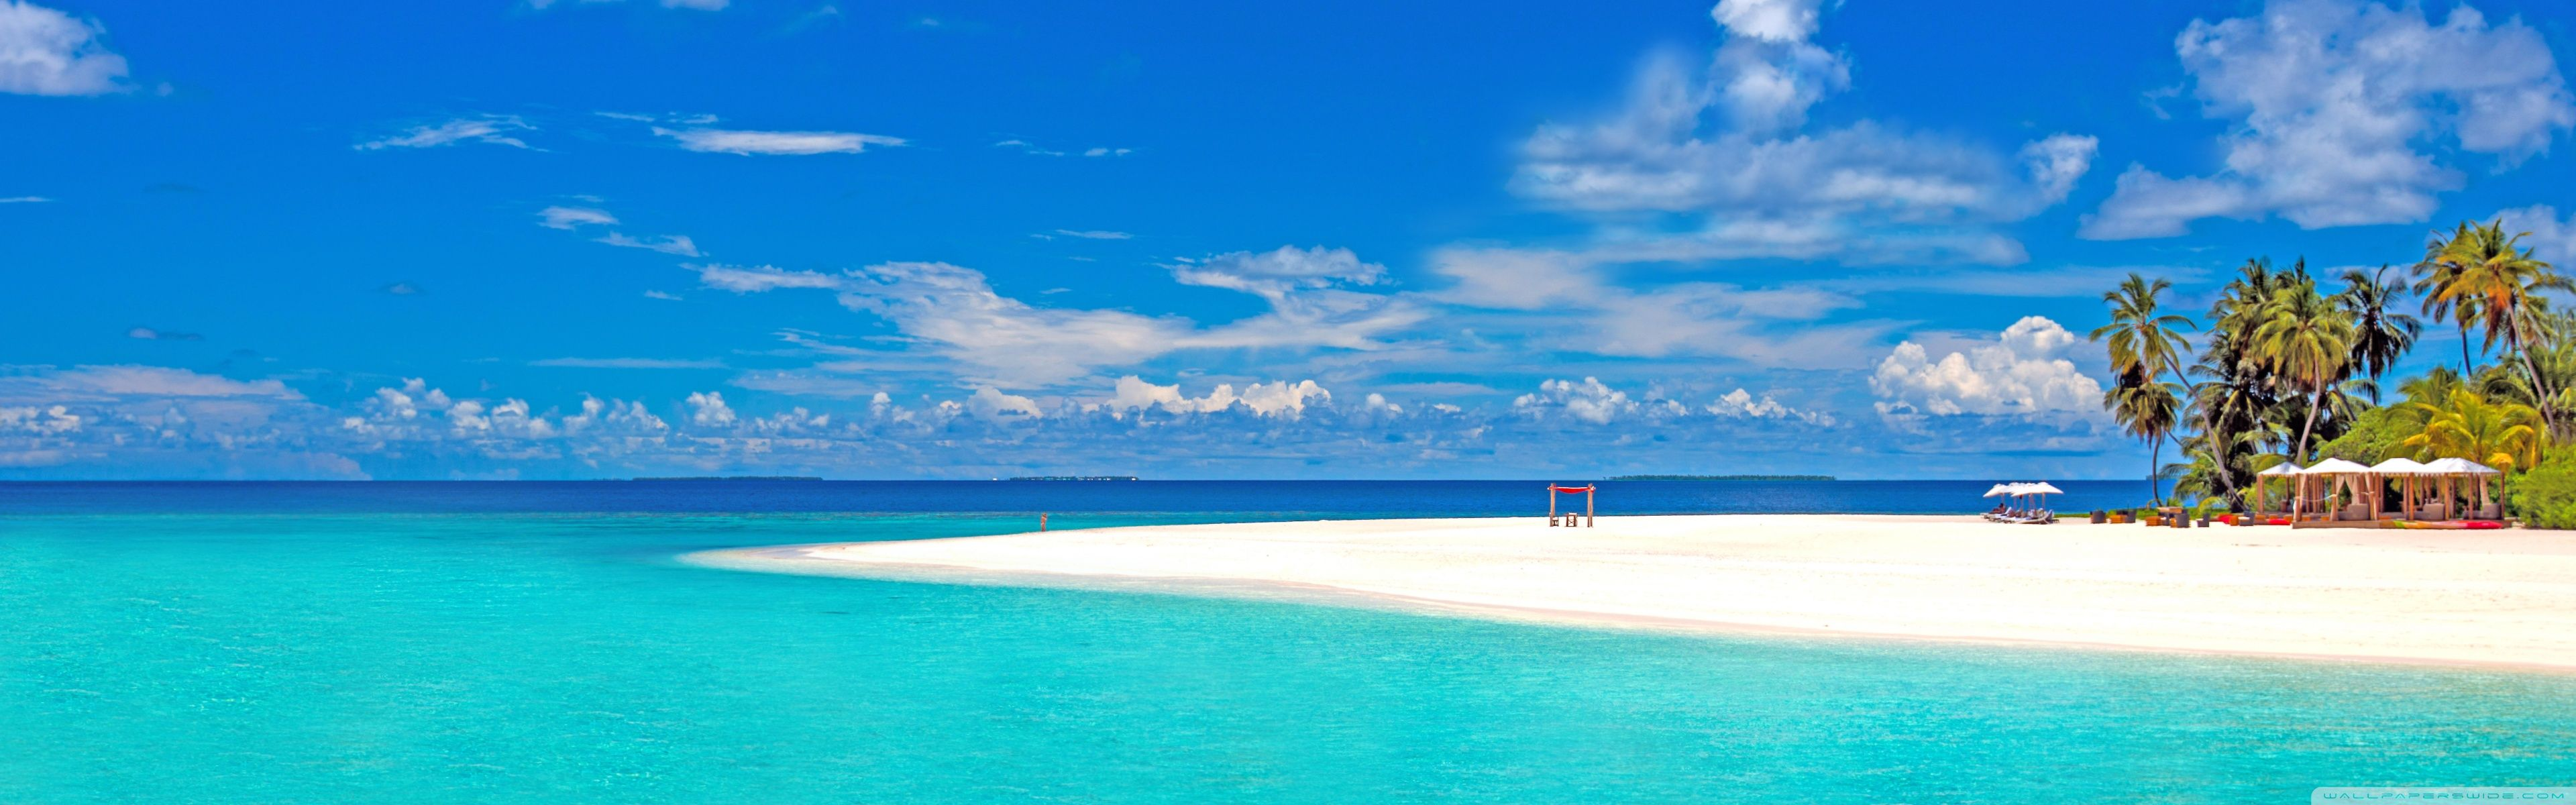 Tropical Beach Hd Desktop Wallpaper Fullscreen Mobile Dual Beach Wallpaper Landscape Wallpaper Beach